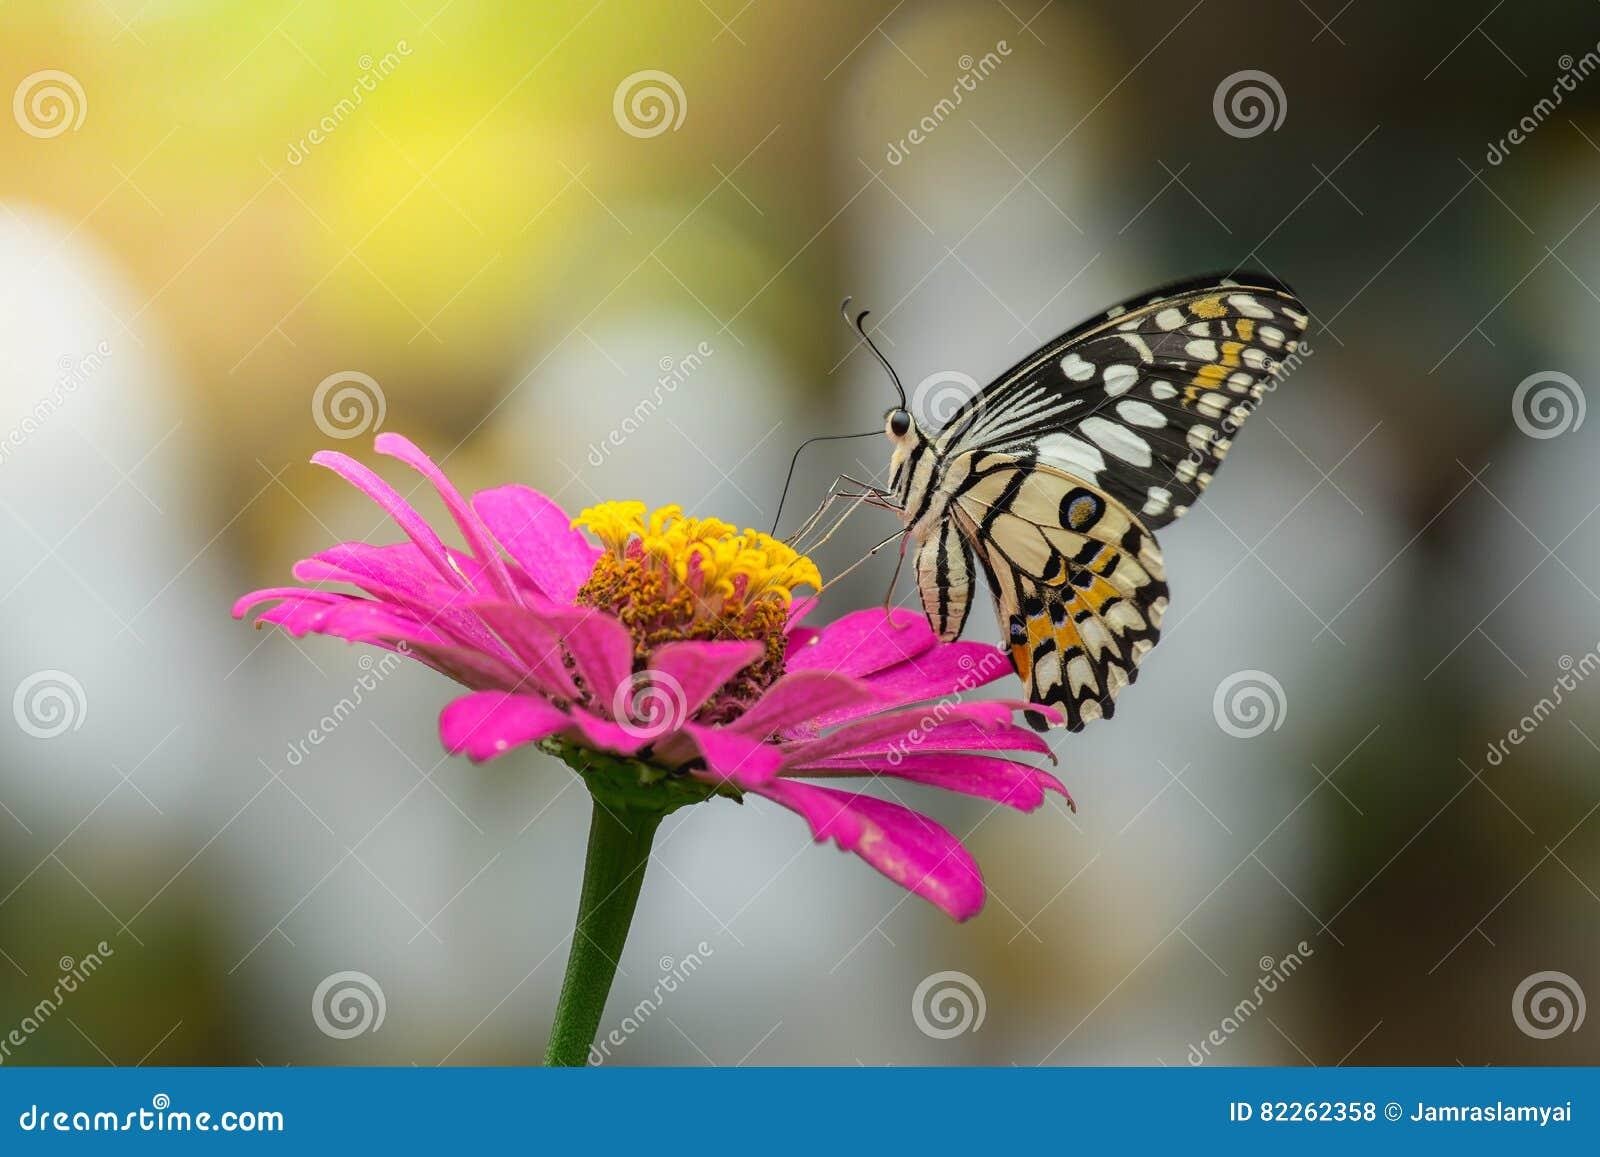 d6abc94302721 Les papillons volent pour trouver le nectar des fleurs roses de Zinnia,